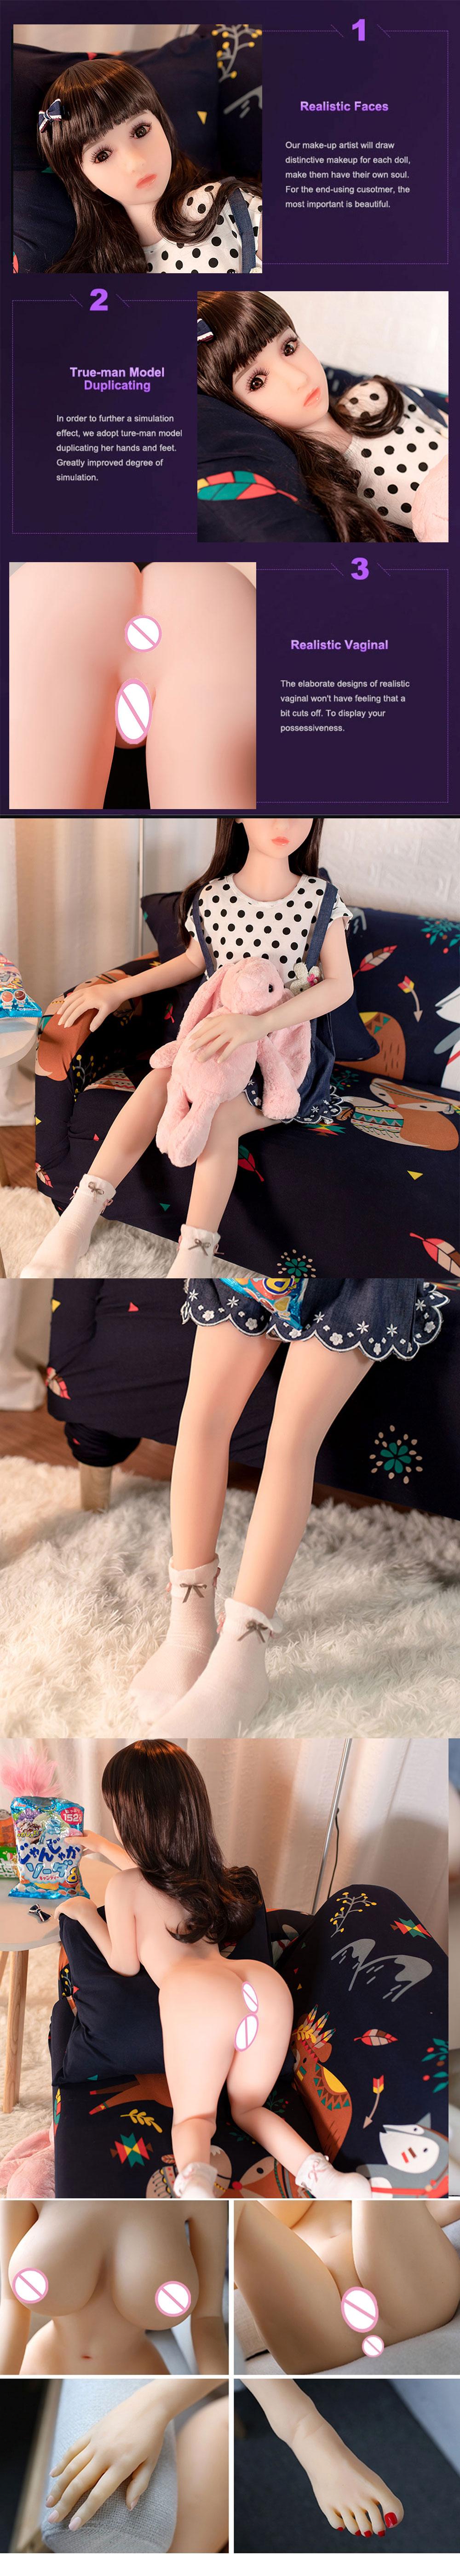 Günstige Sex Puppen Silikon Loli Kleine Brust Junges Sexy Realistische Silizium Sex Puppe Loli Für Männer